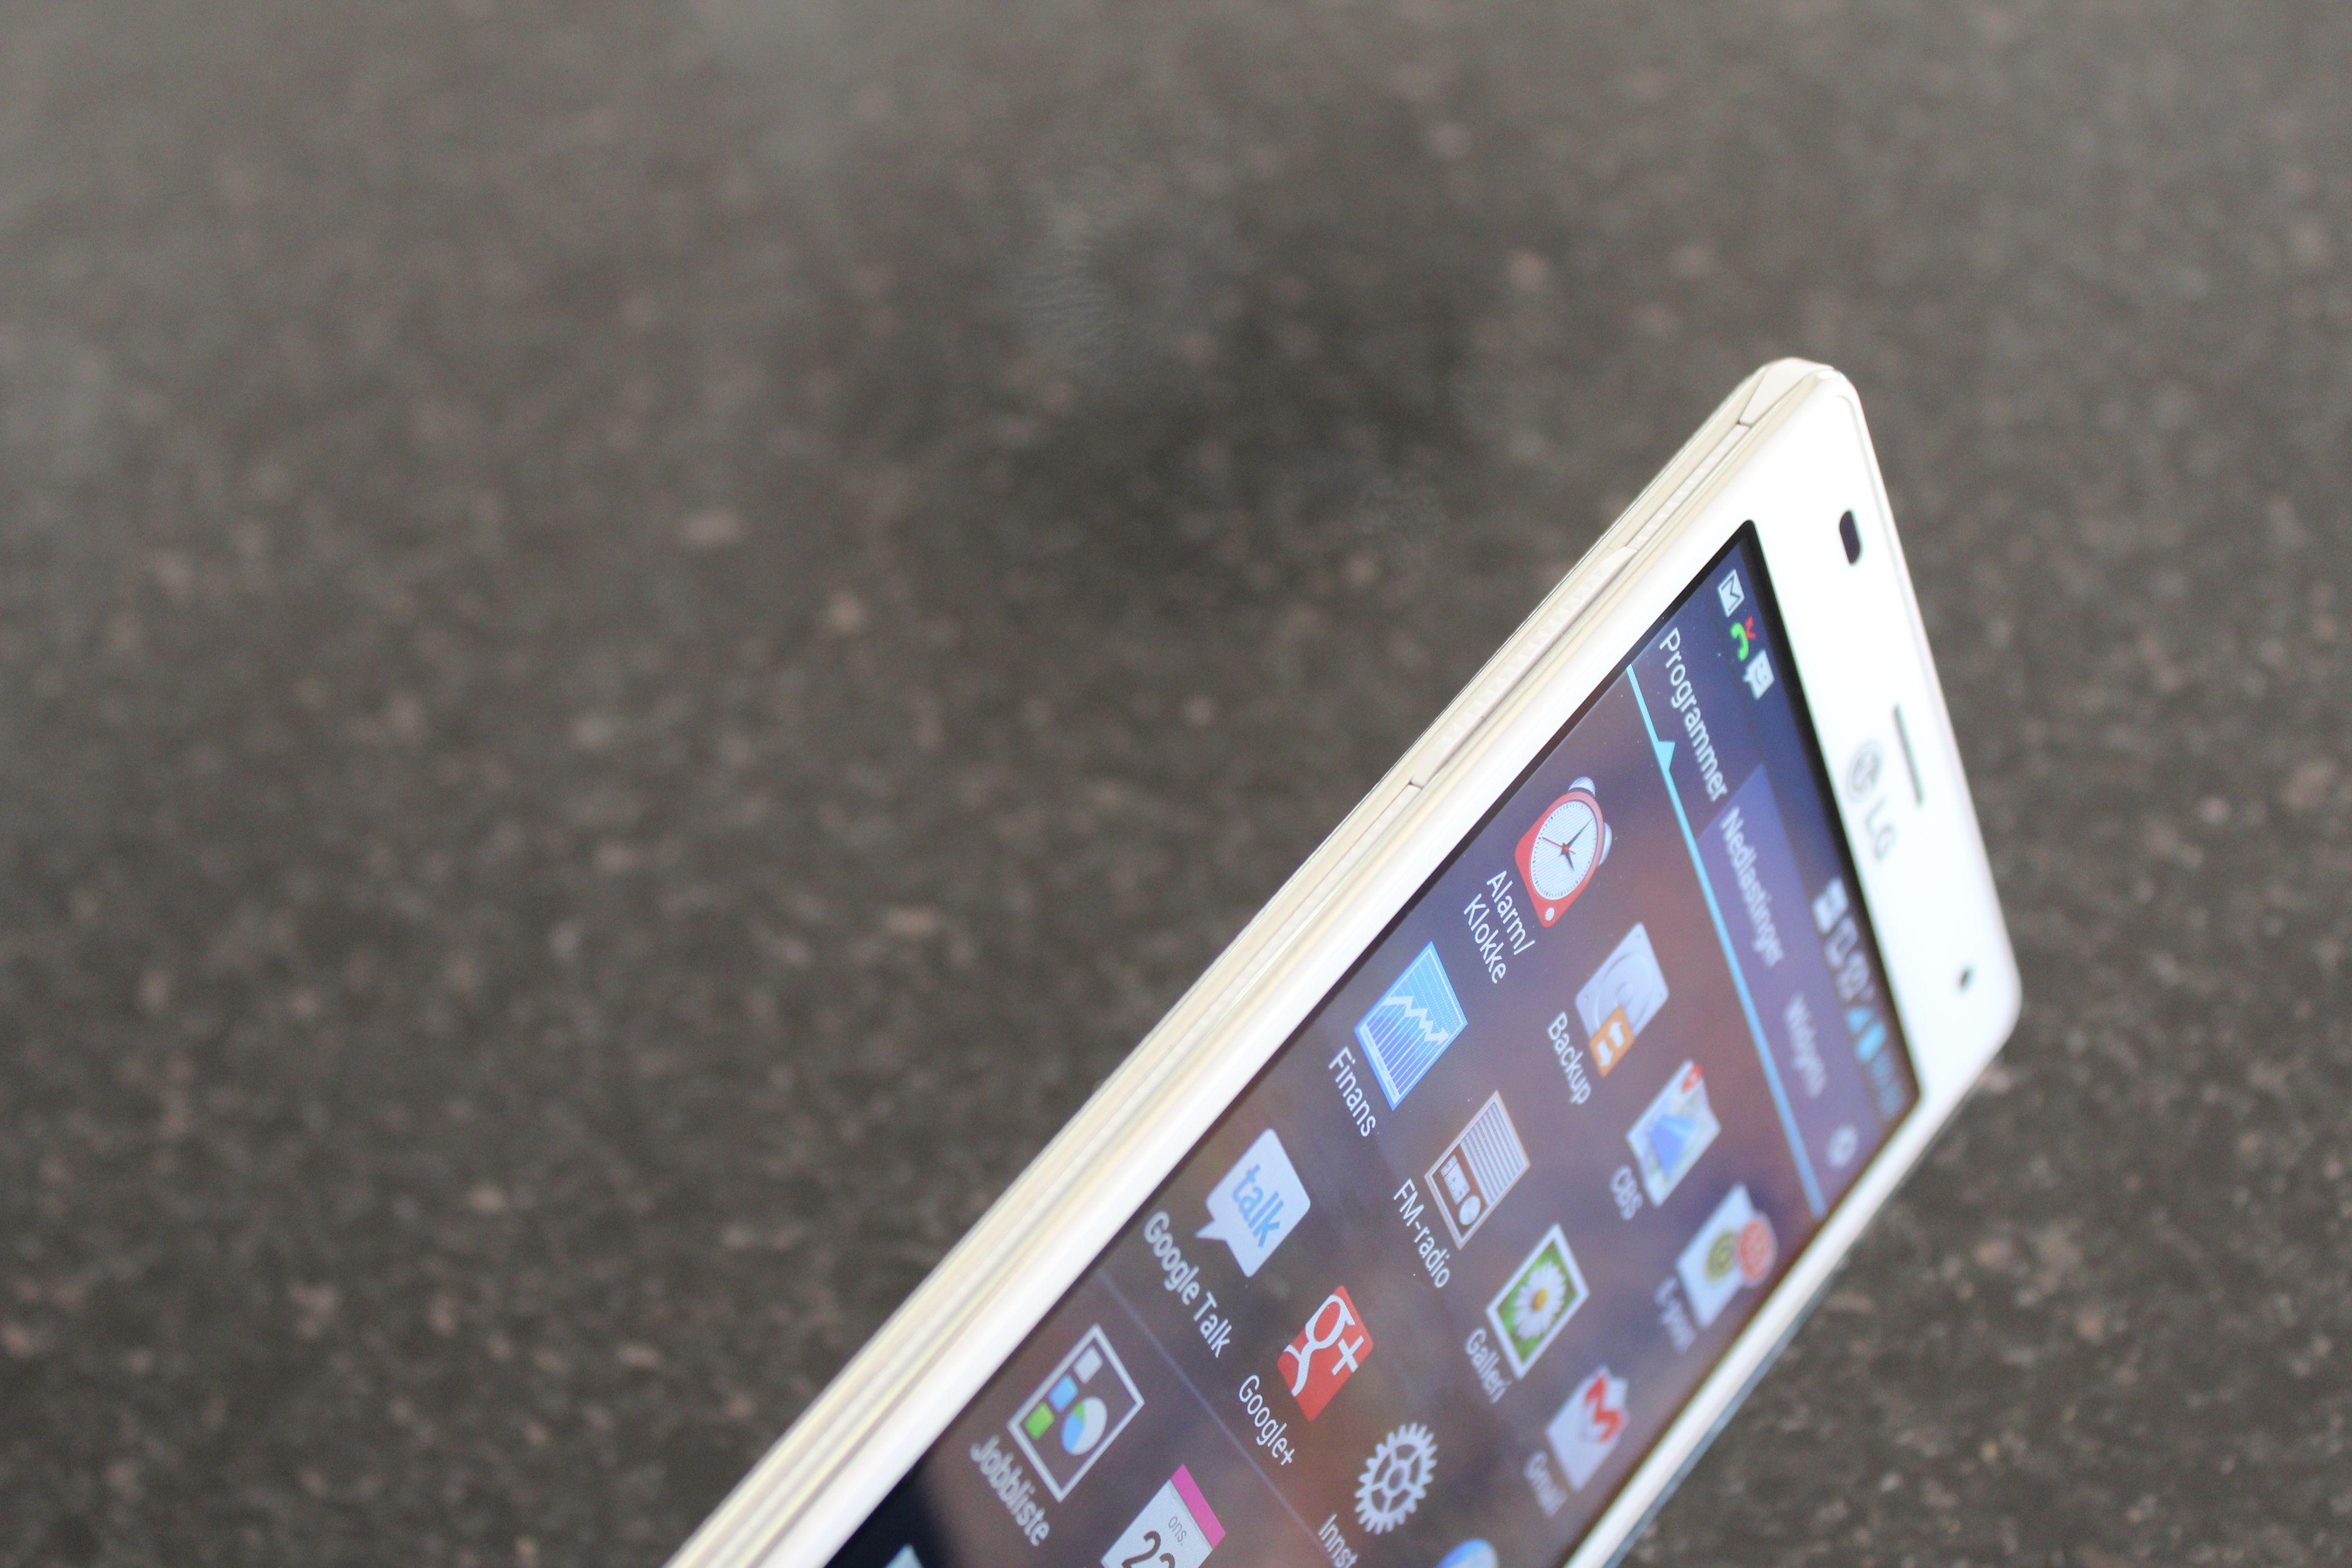 Optimus 4X HD er 8,9 mm tynn, mens konkurrenten Galaxy S III er på 8,6 mm.